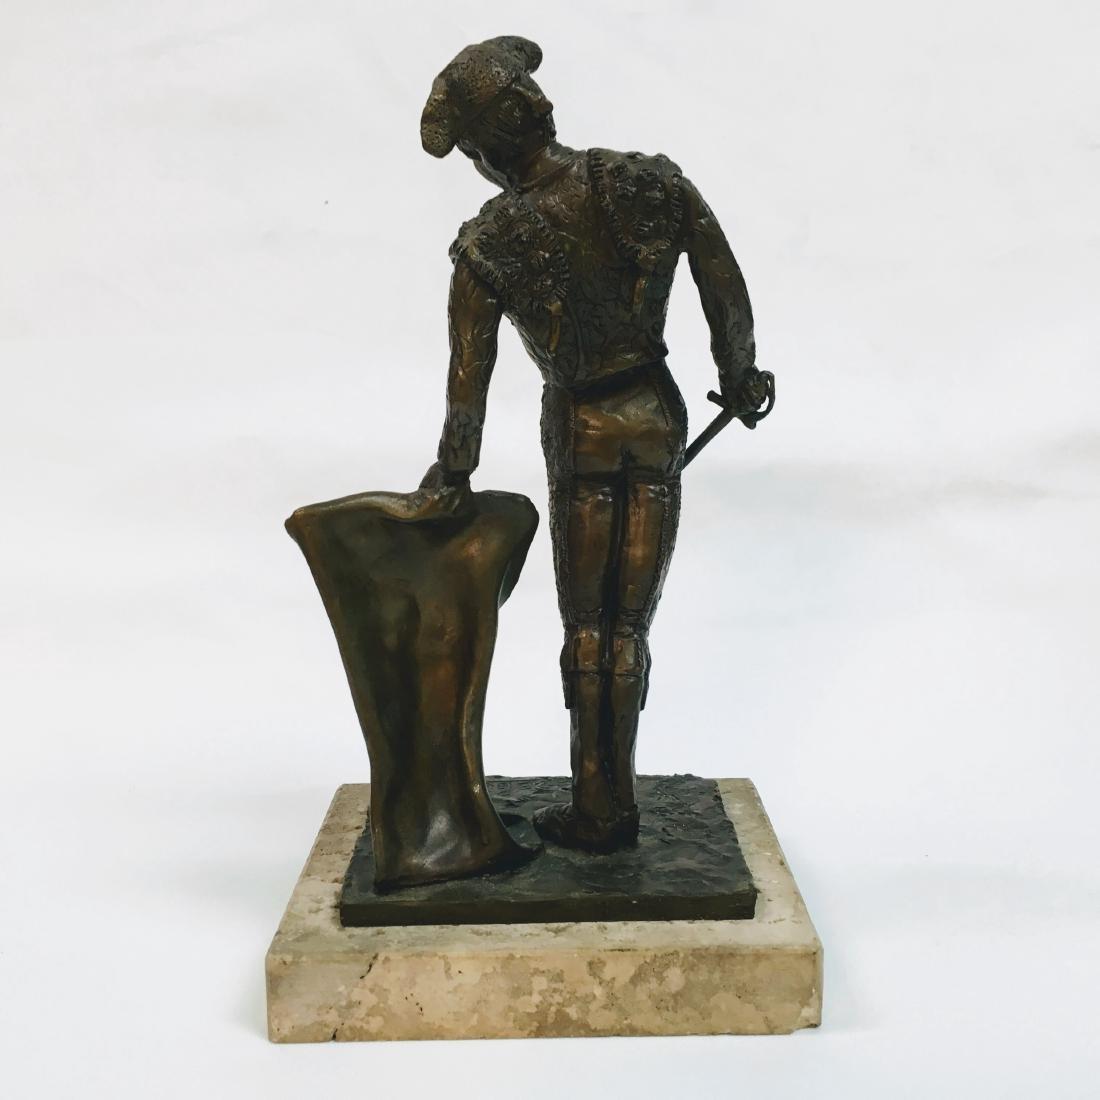 Vintage Bronze Torrero Sculpture on marble base Signed - 3